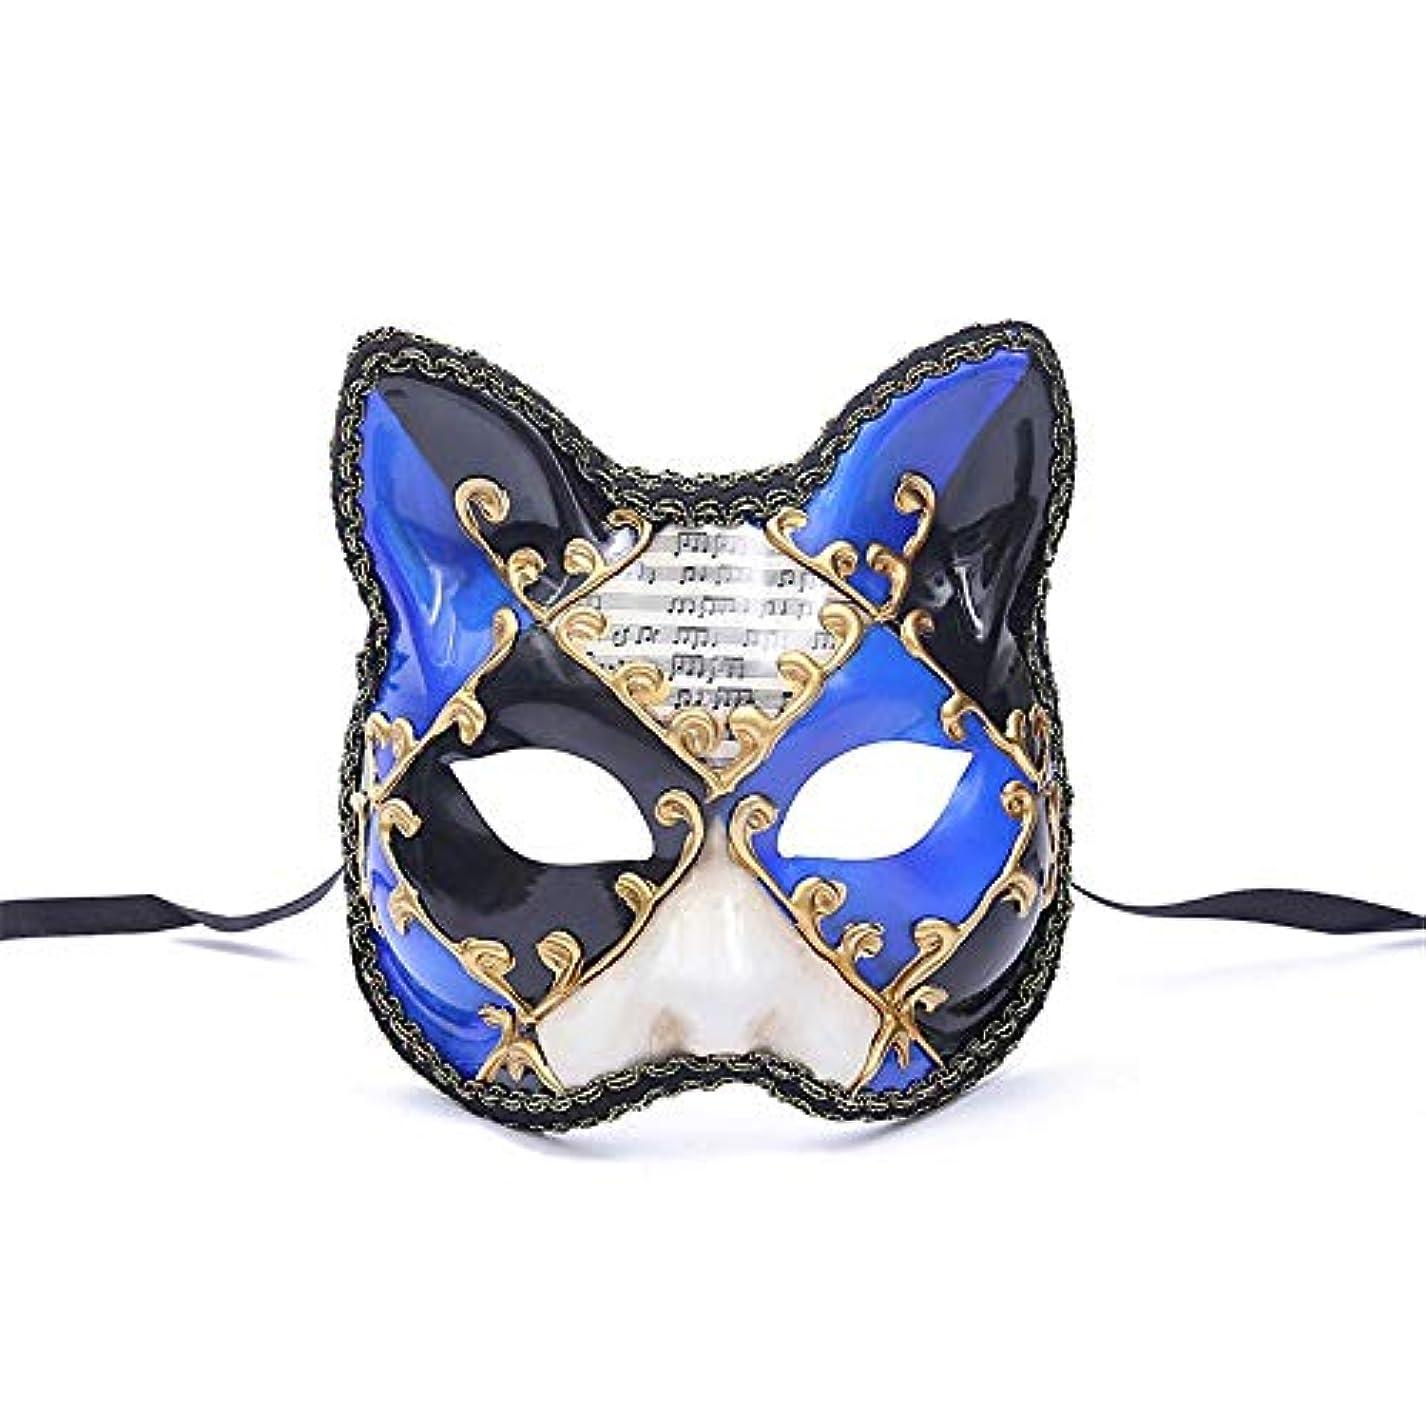 地図コックメンバーダンスマスク 大きな猫アンティーク動物レトロコスプレハロウィーン仮装マスクナイトクラブマスク雰囲気フェスティバルマスク ホリデーパーティー用品 (色 : 青, サイズ : 17.5x16cm)